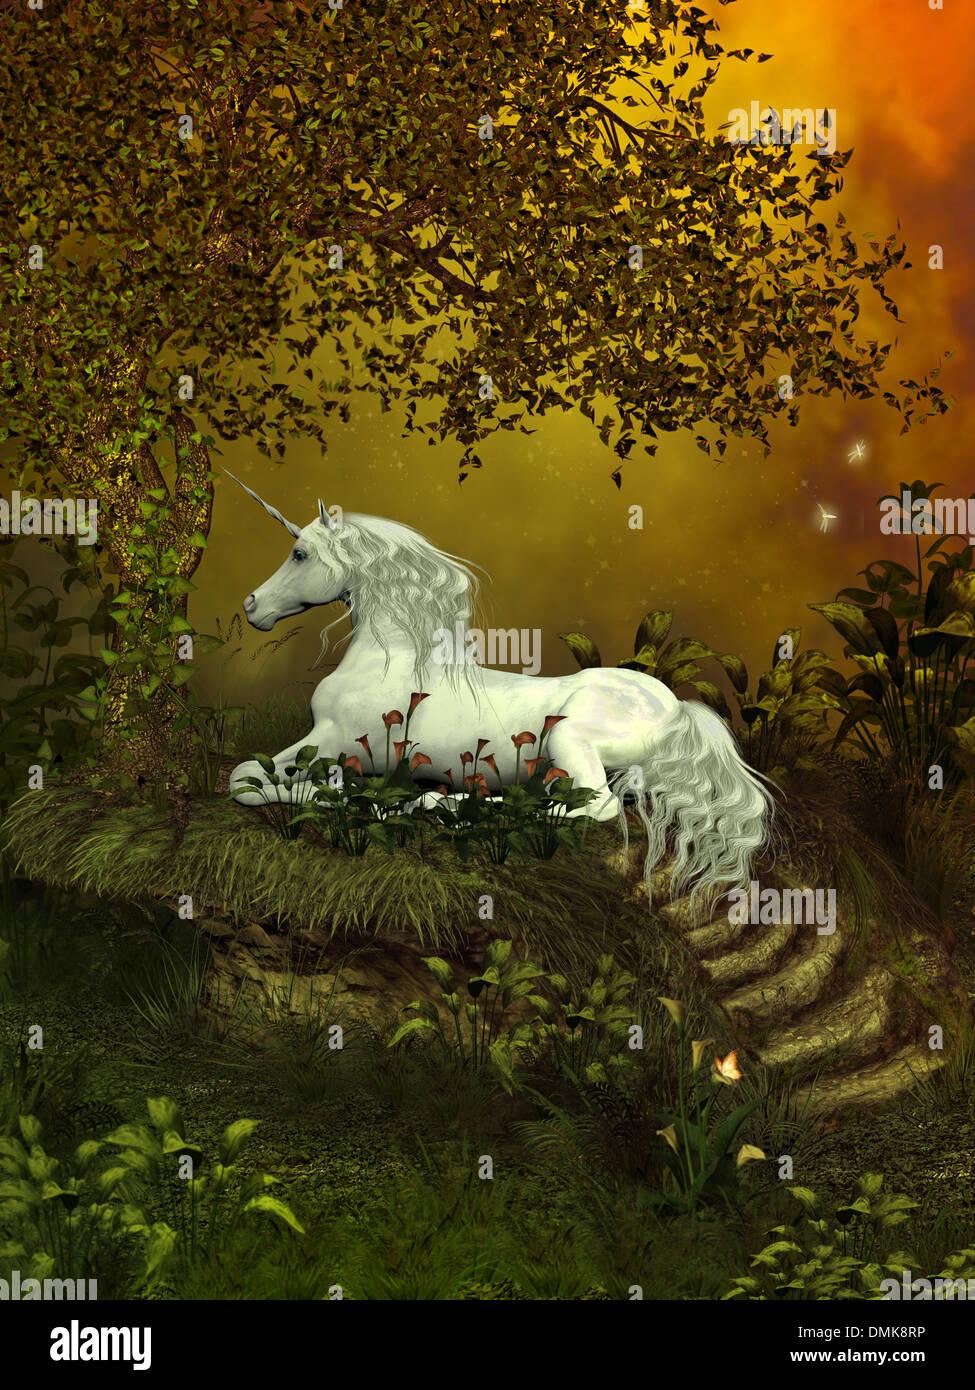 Un bellissimo unicorno bianco giace sotto un albero di foresta di riposo fra i fiori. Immagini Stock